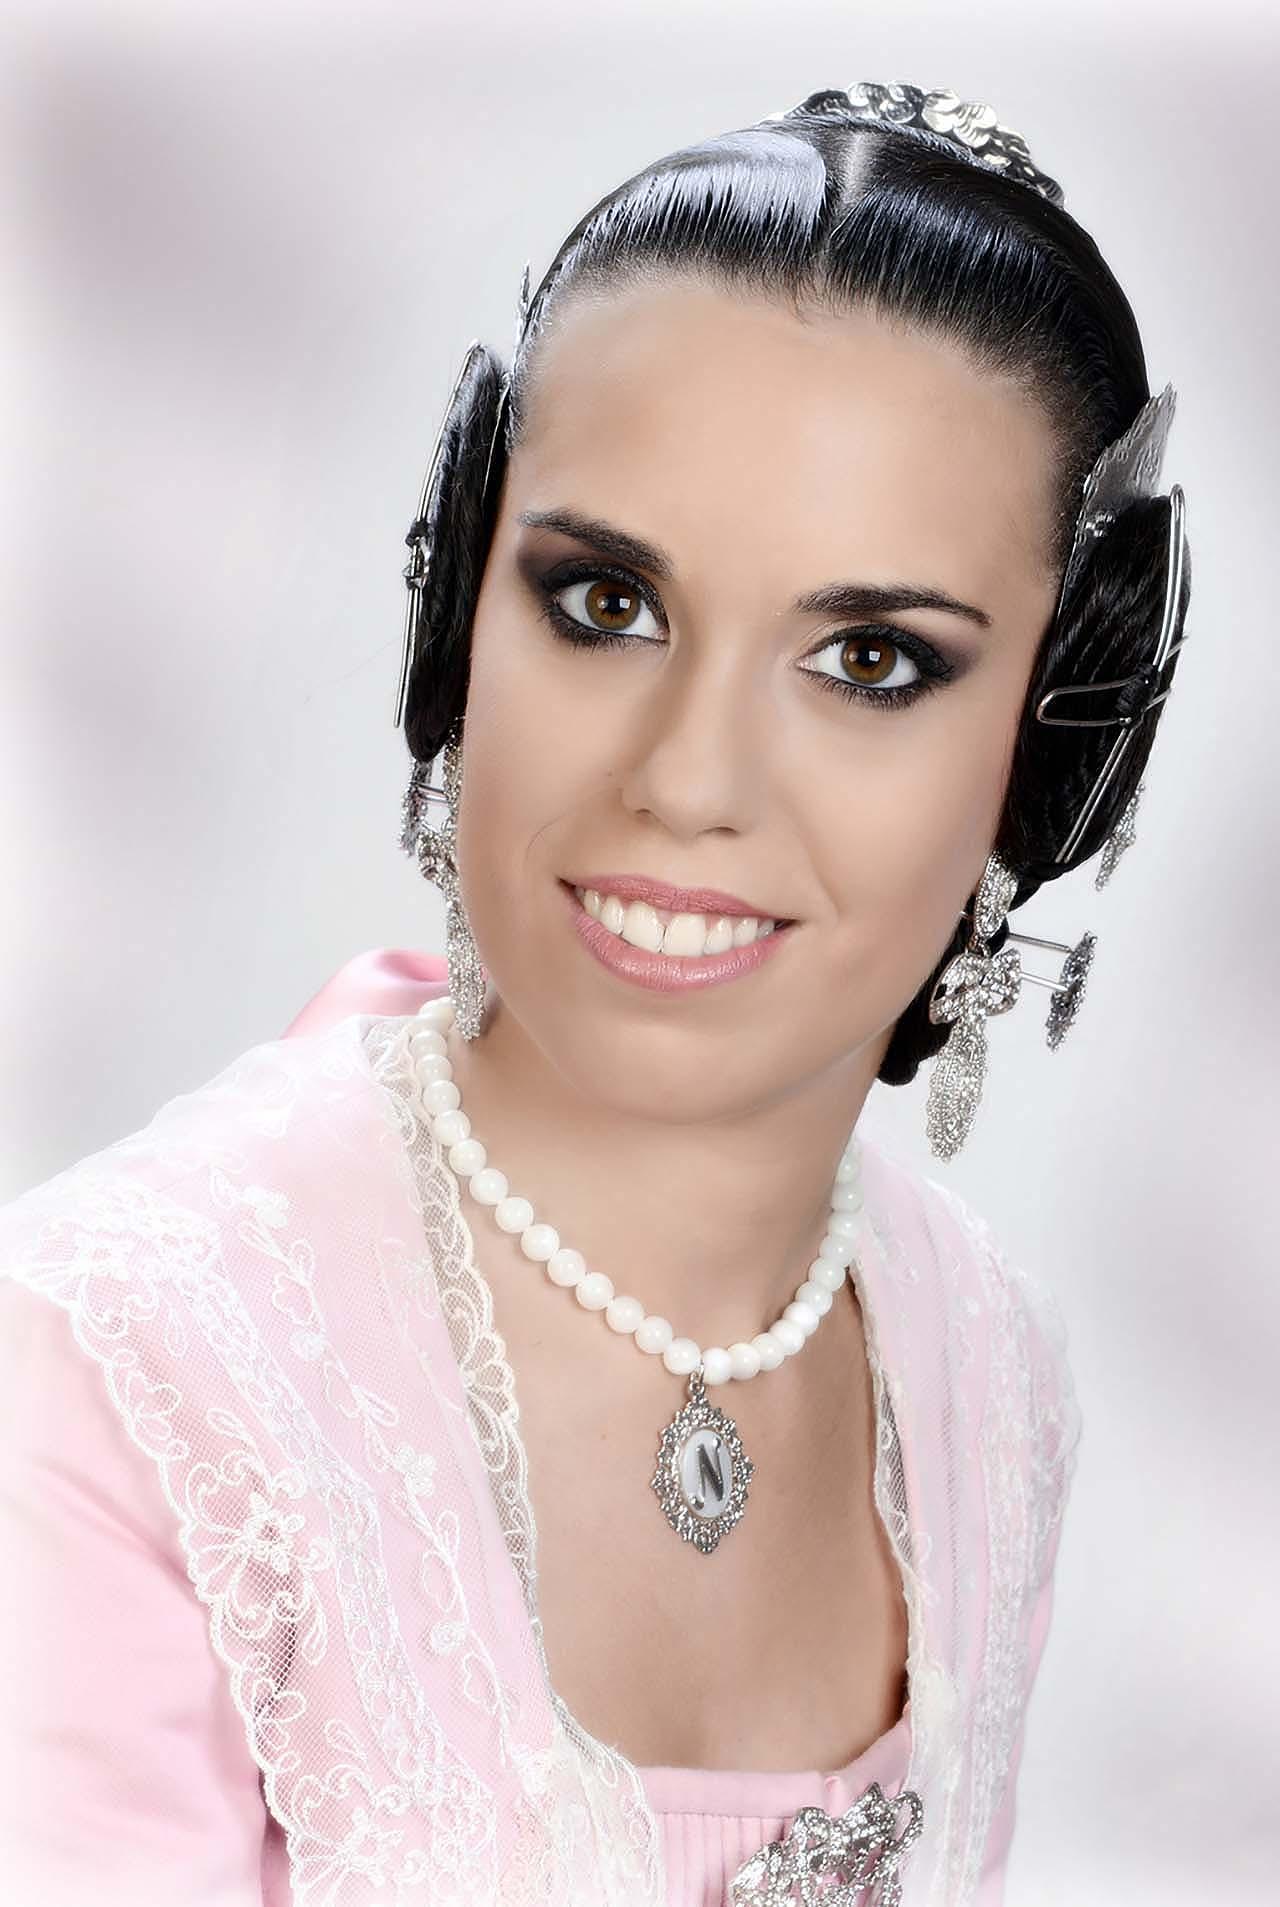 Natalia Bermudez Ramirez